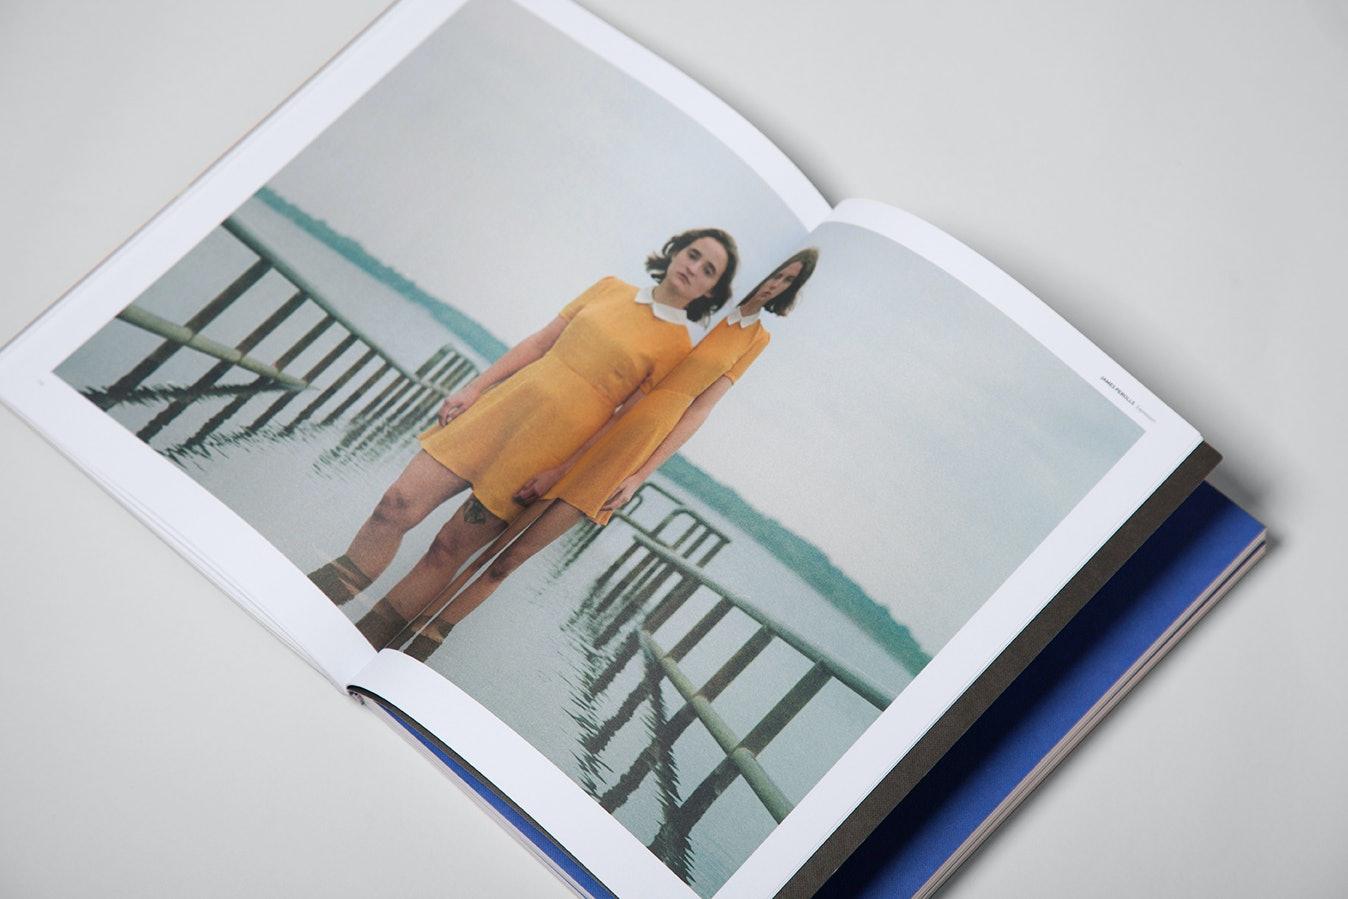 autodidact-magazine-cromwell-twins